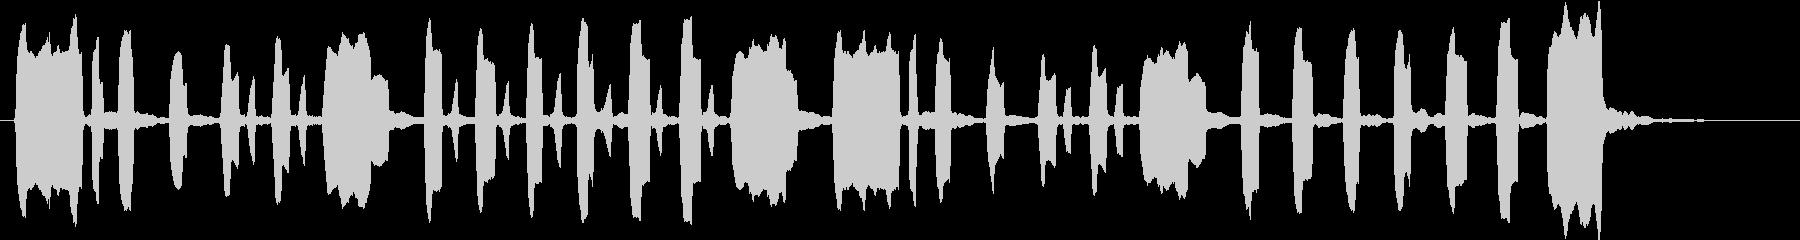 ほのぼのとした短い曲の未再生の波形